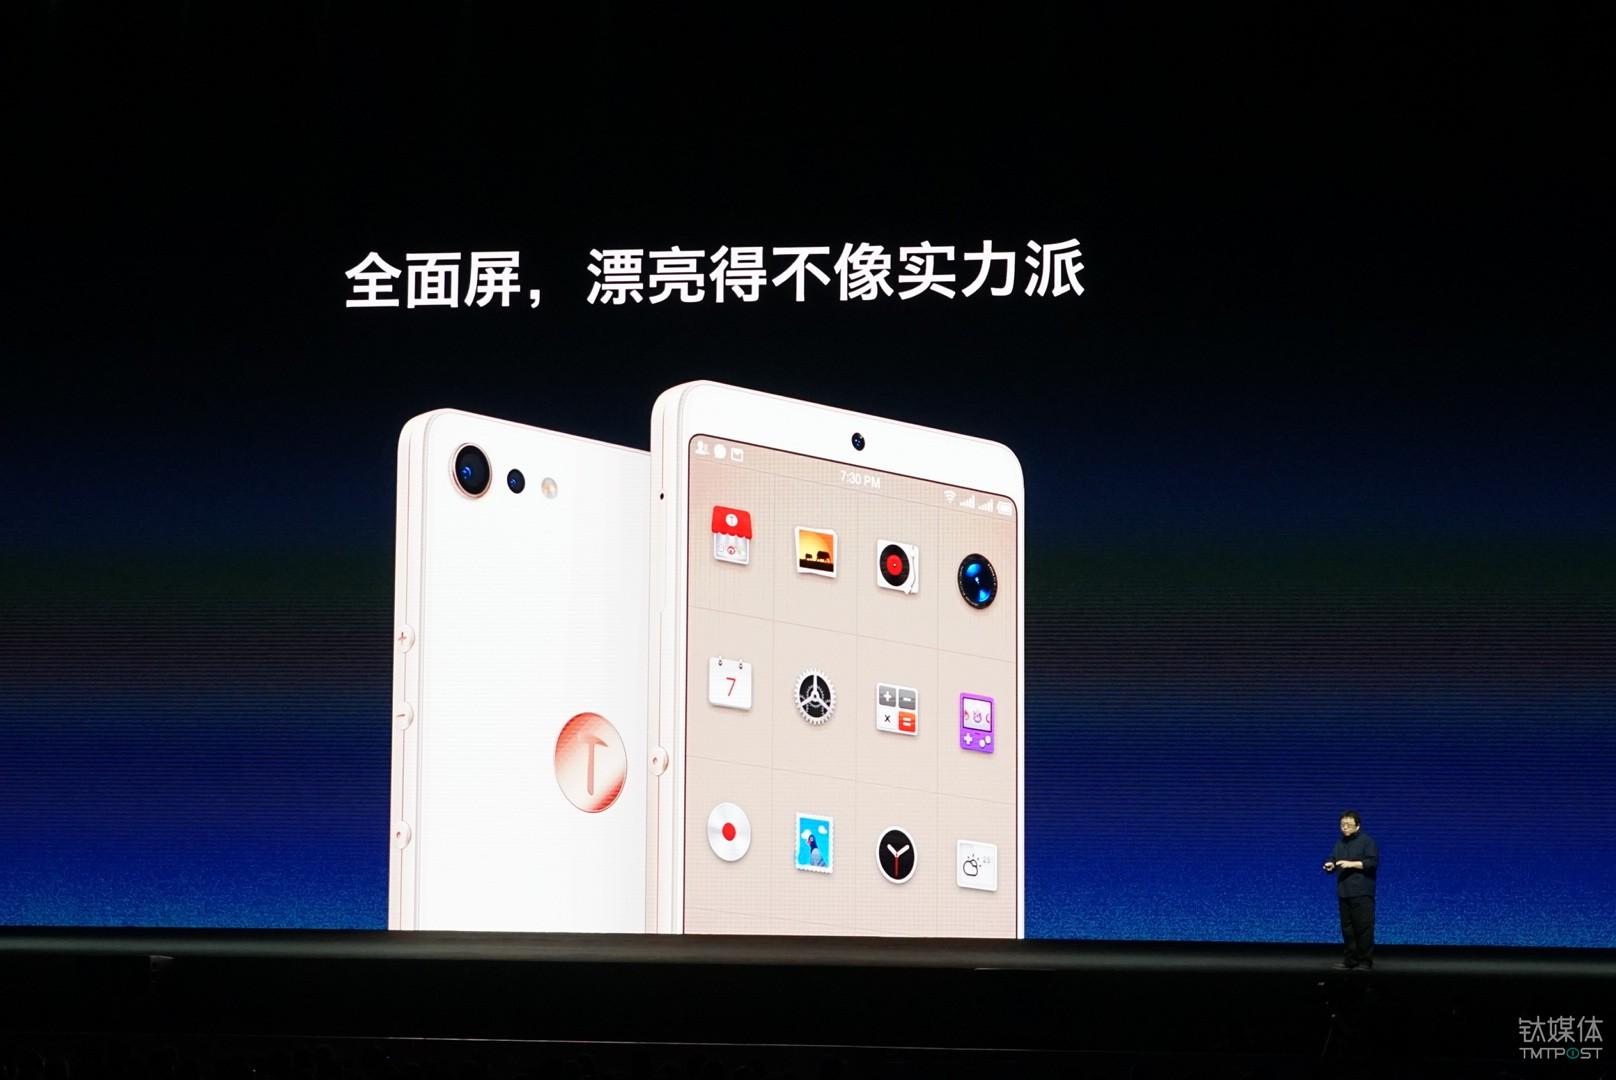 """从去年下半年小米MIX上市之后,手机厂商便开启了一股集体进军""""全面屏""""的潮流,前不久苹果也发布了其第一款全面屏手机iPhone X,取消了前置指纹识别实体按键,拥有视角效果相当惊艳的屏占比。"""